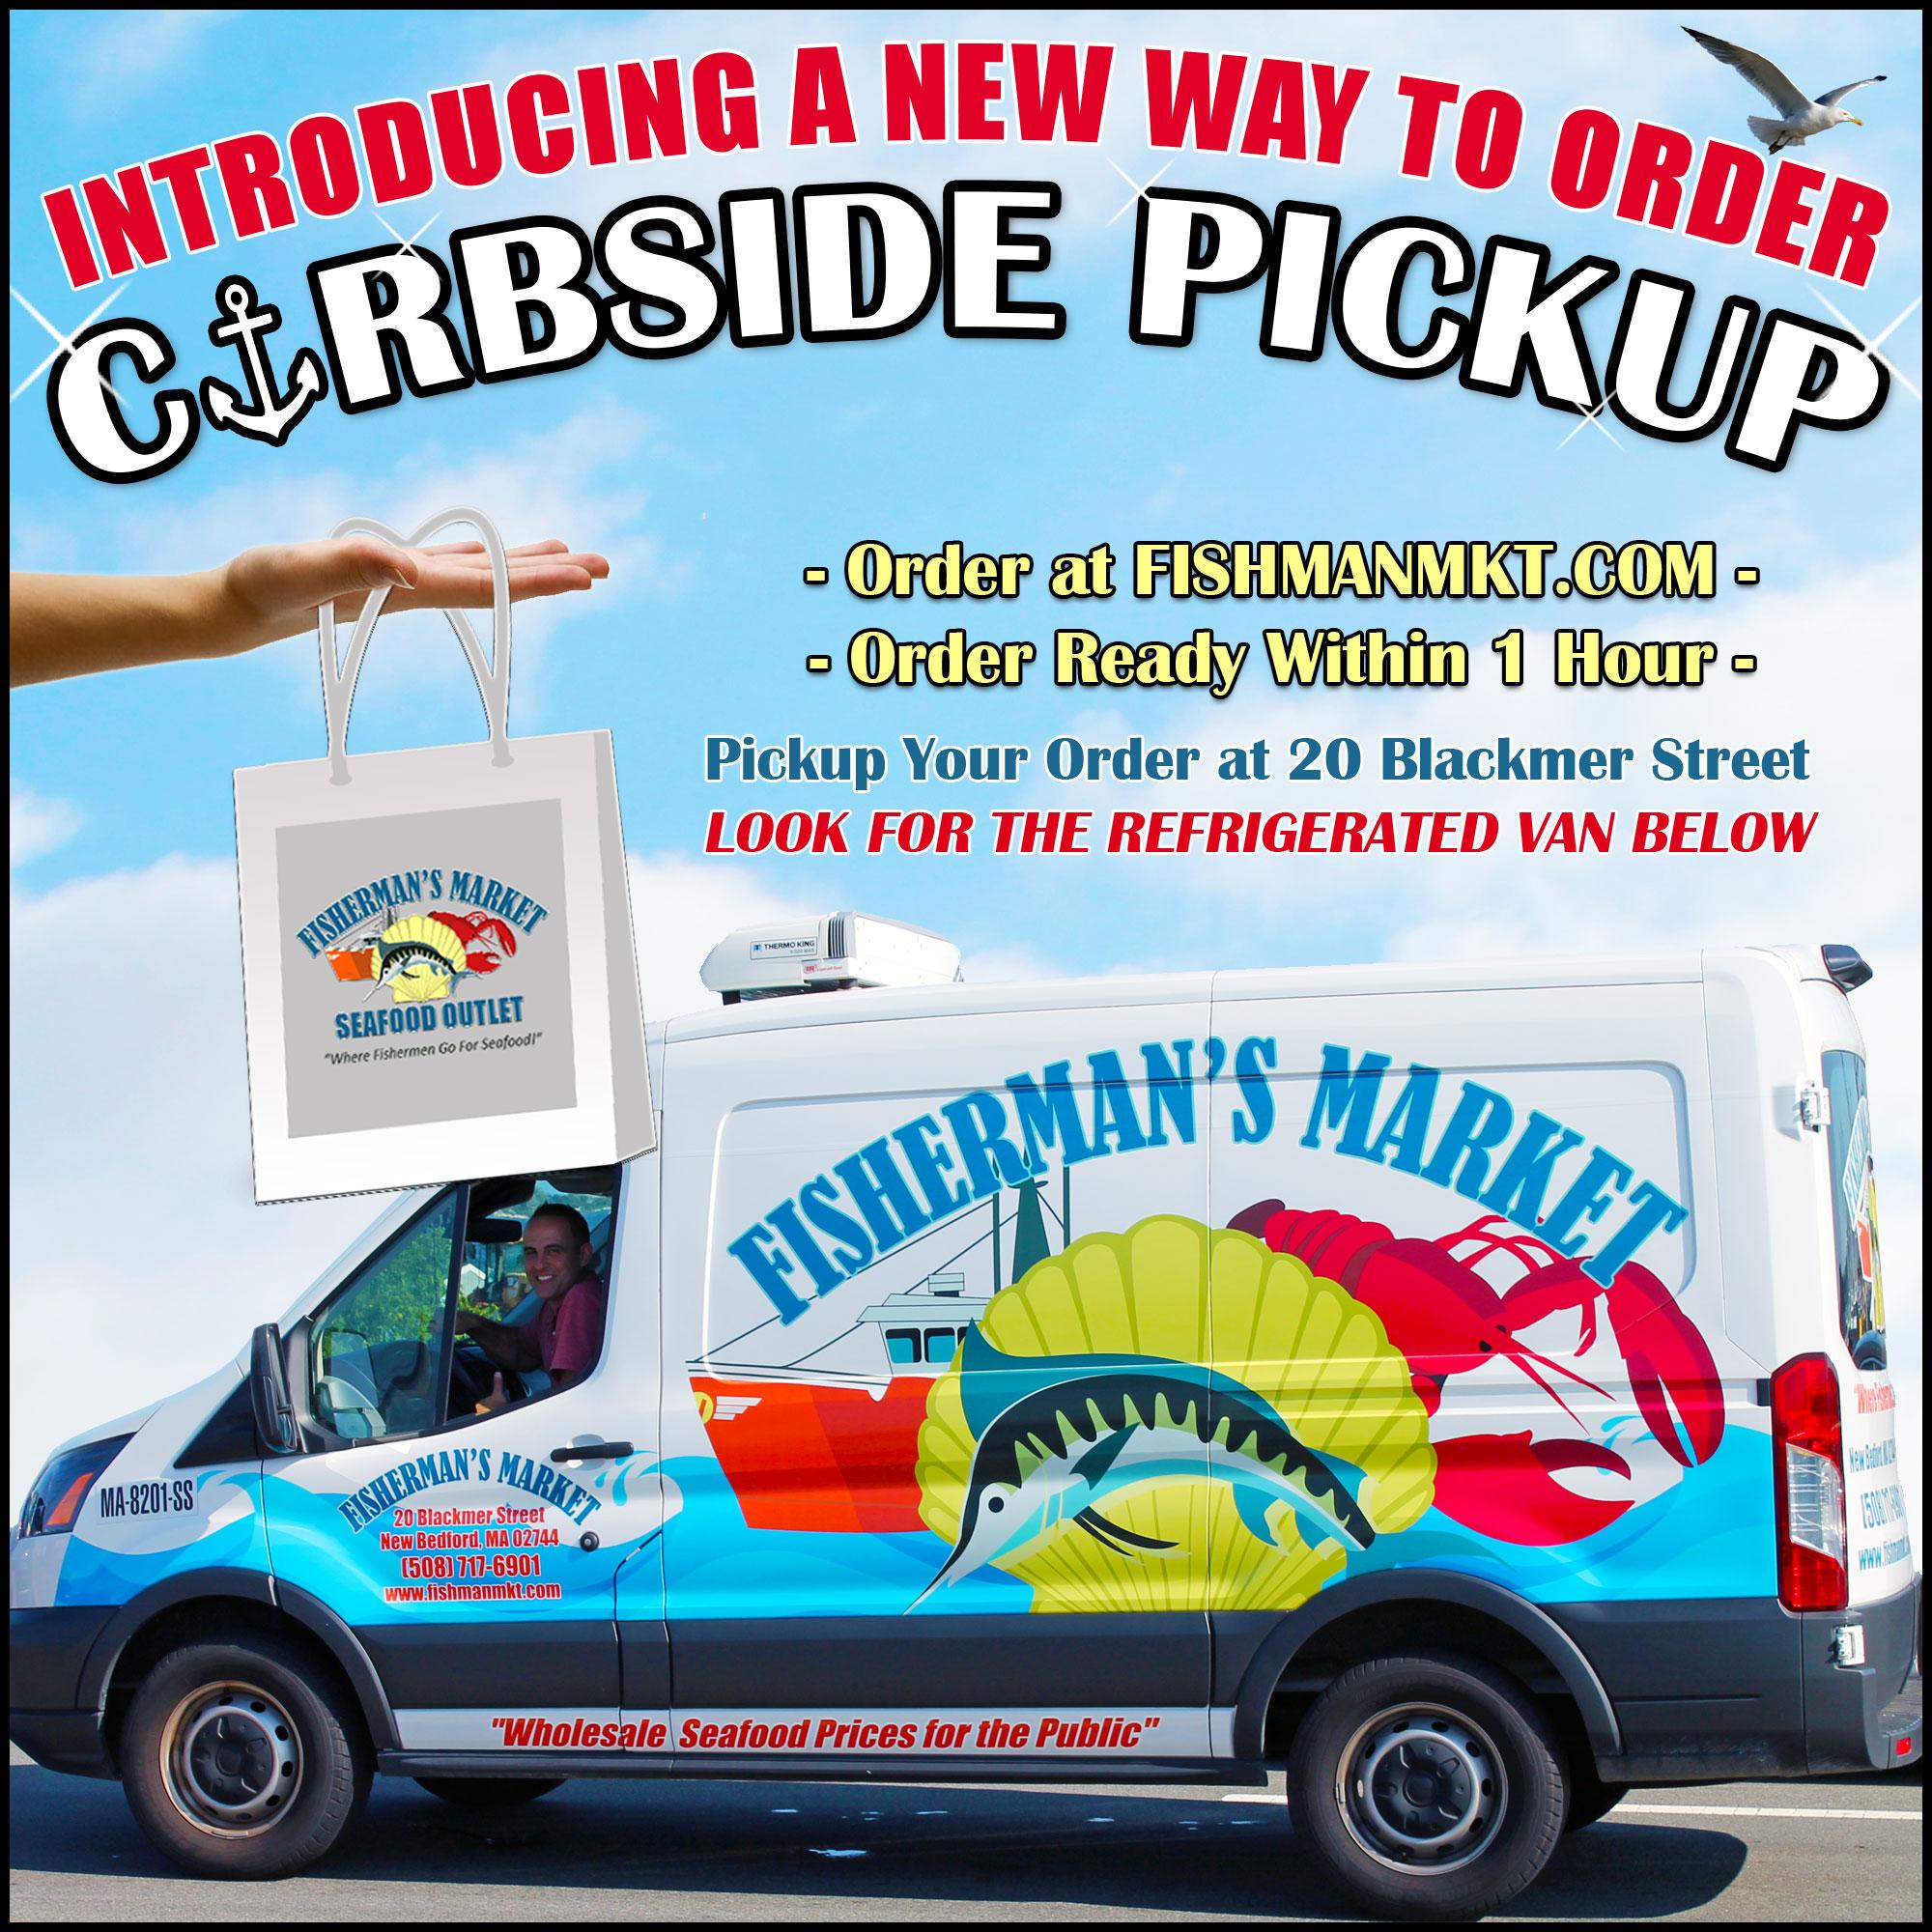 Order Curbside Pickup!